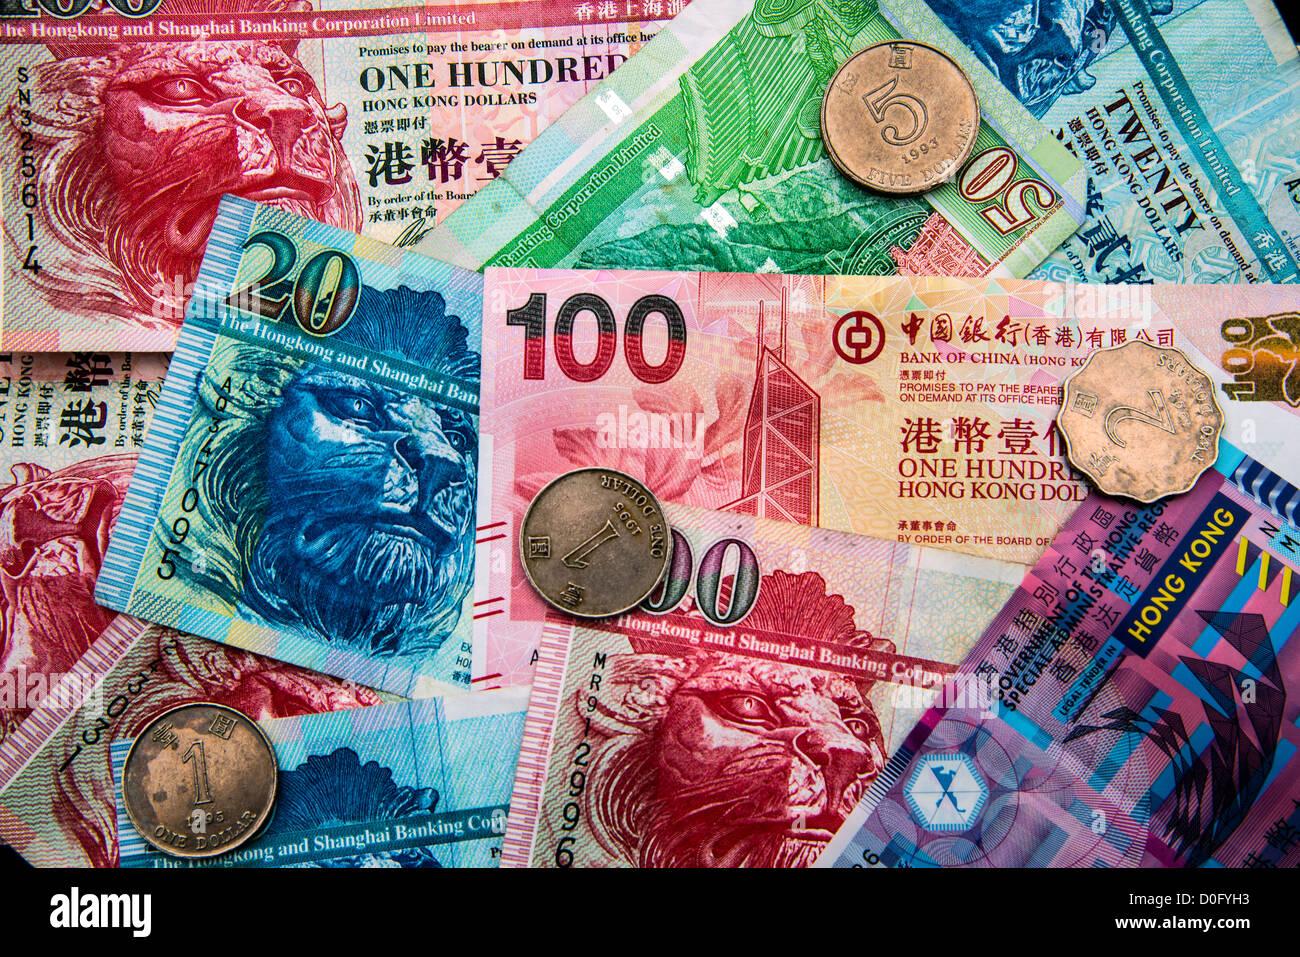 Hong Kong Dollar banknotes and coins - Stock Image